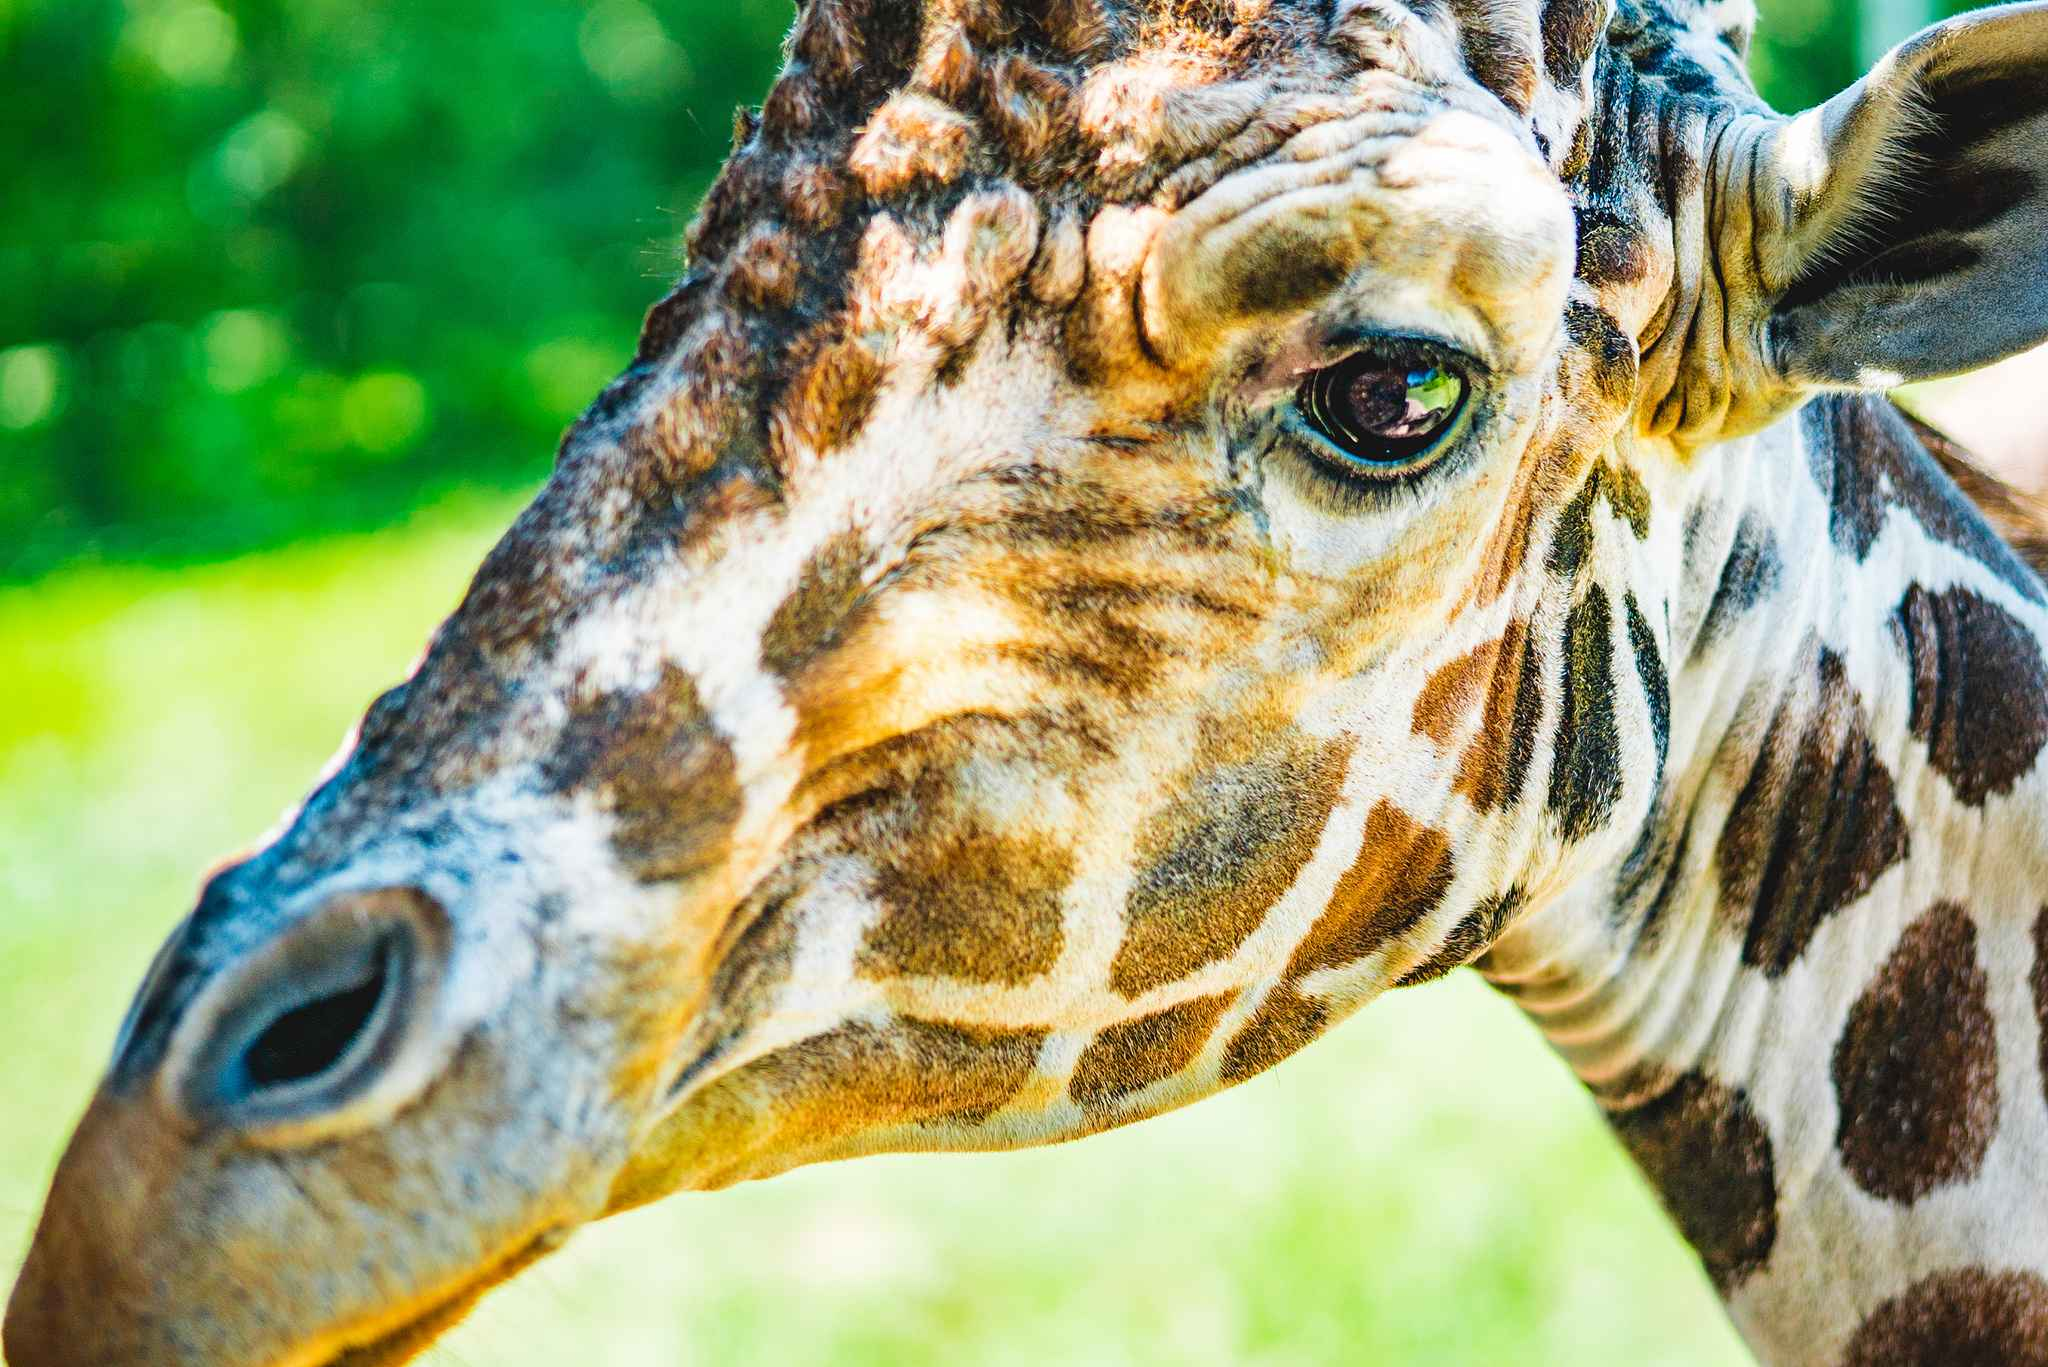 Fort Wayne Children's Zoo